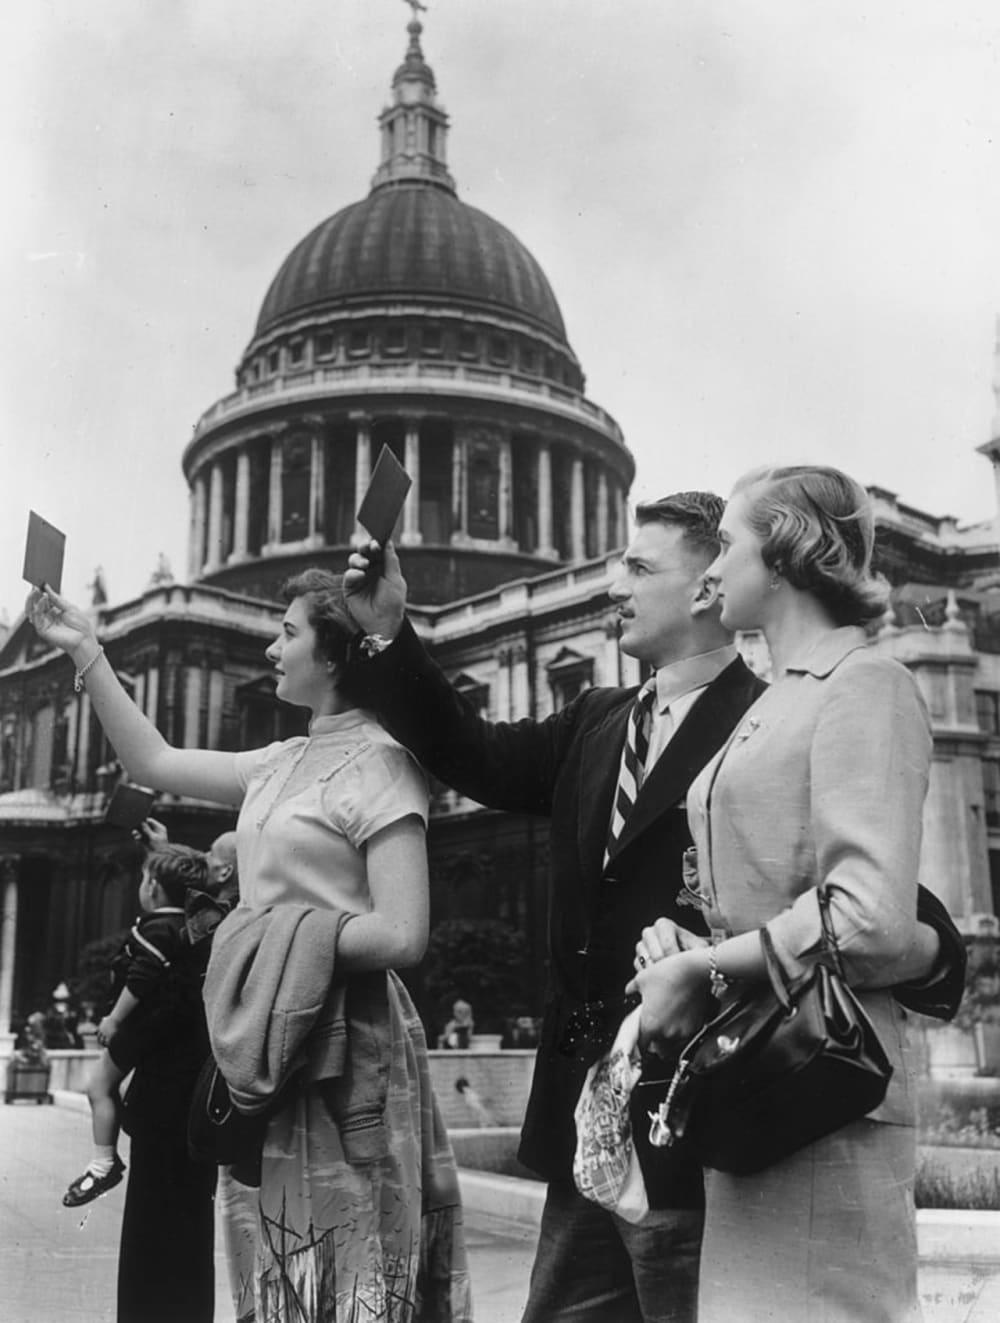 13. LONDON // JUNE 30, 1954